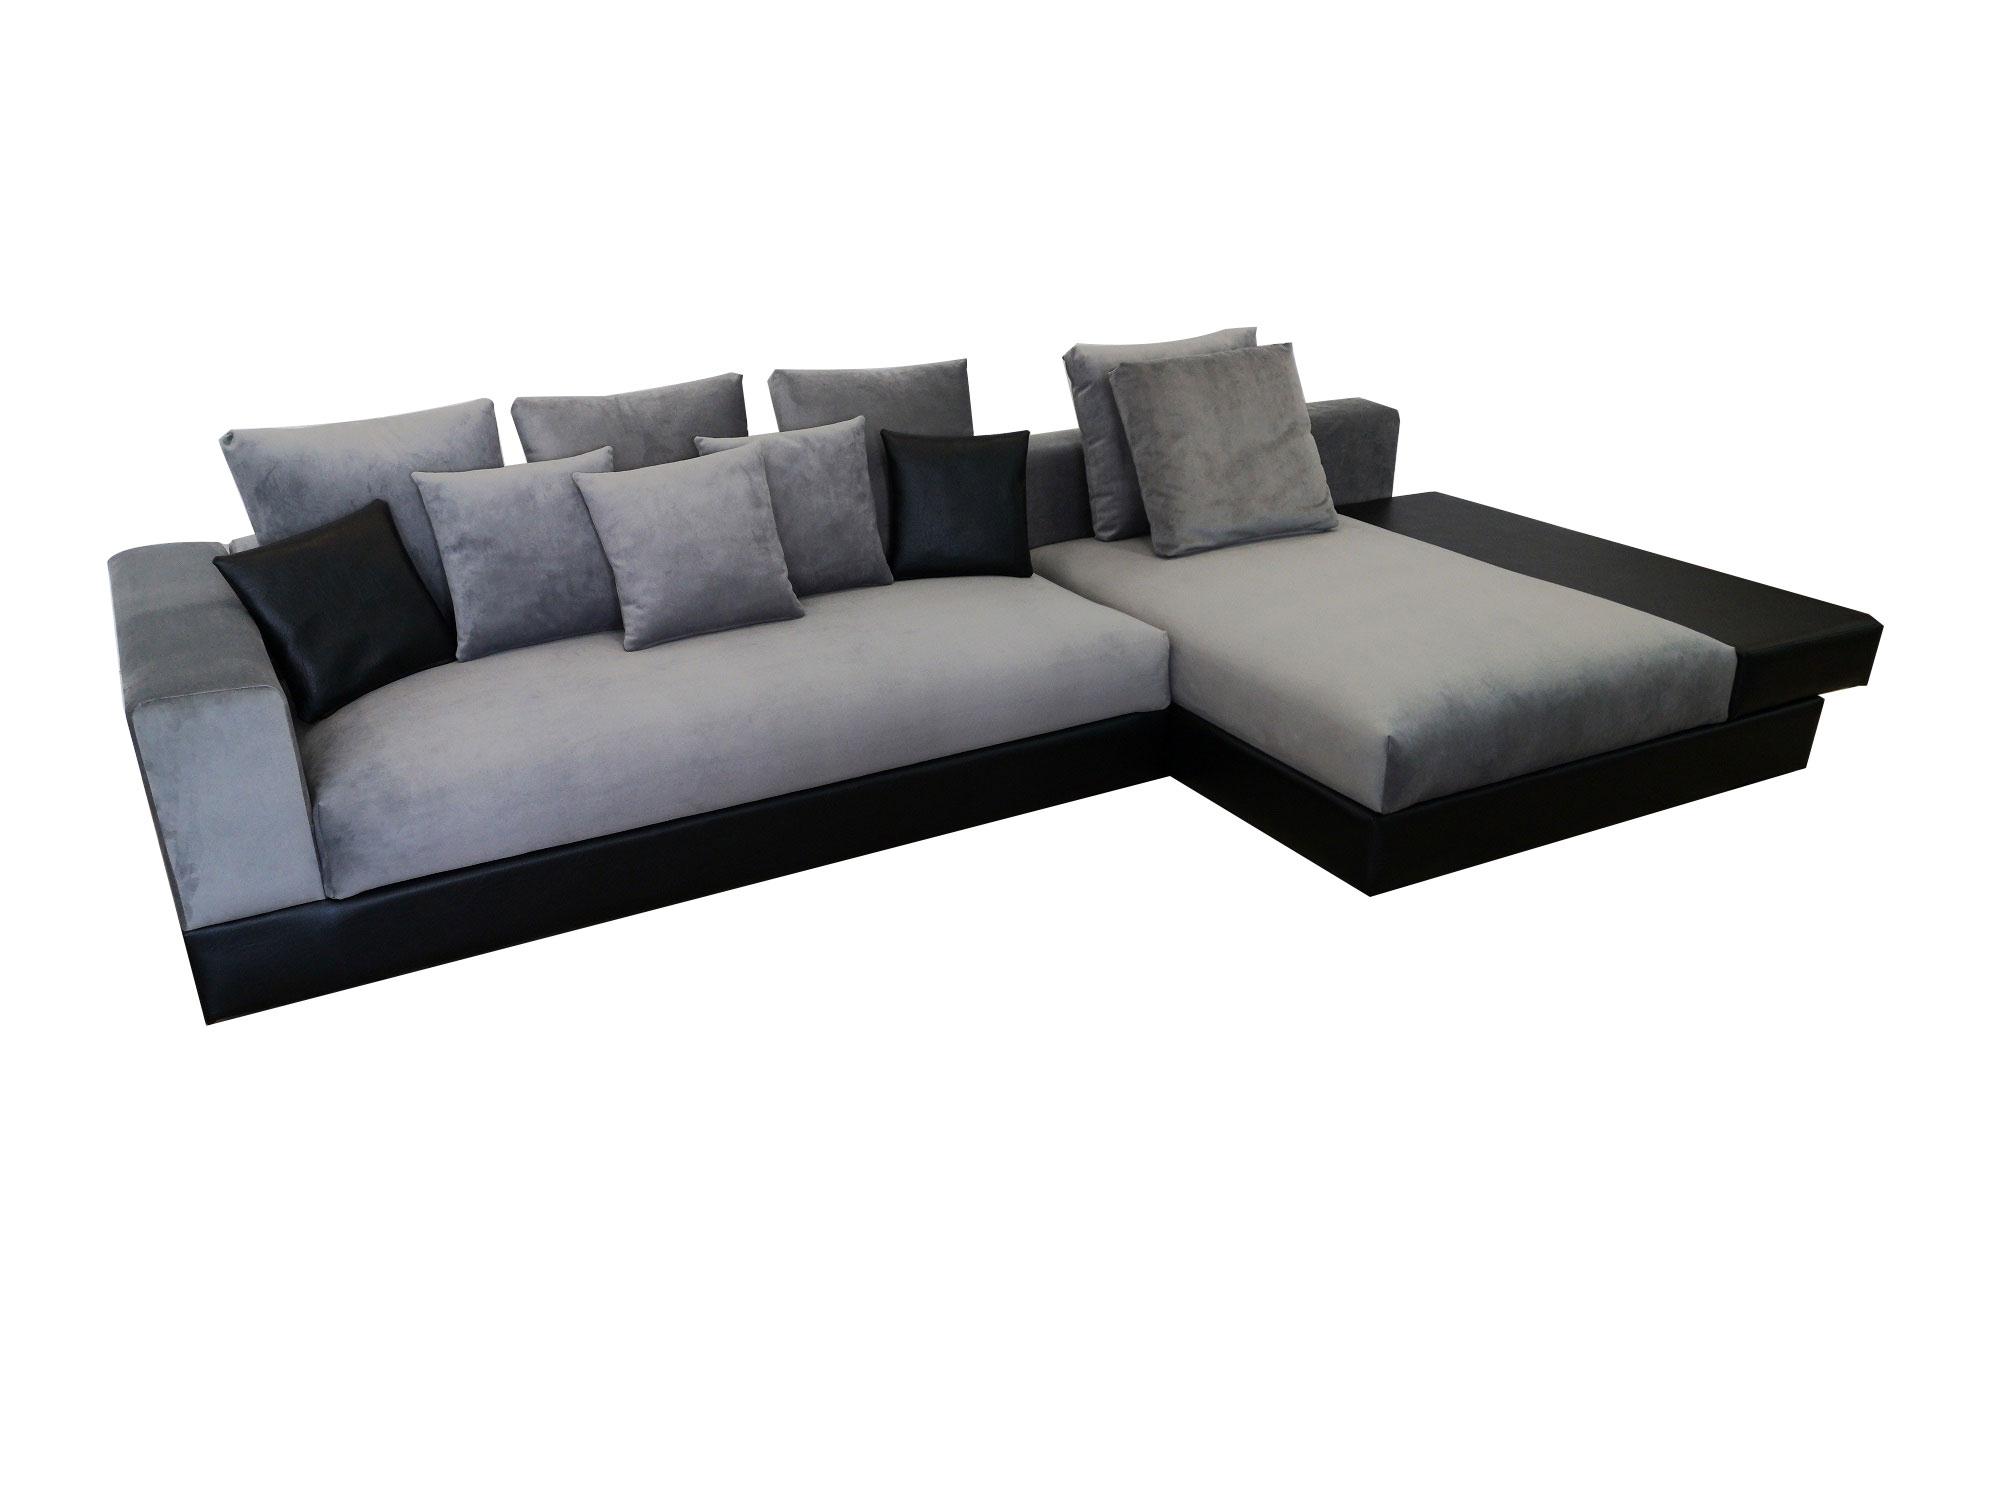 снимка на Ъглов диван с италиански дунапрен в сиво и черно